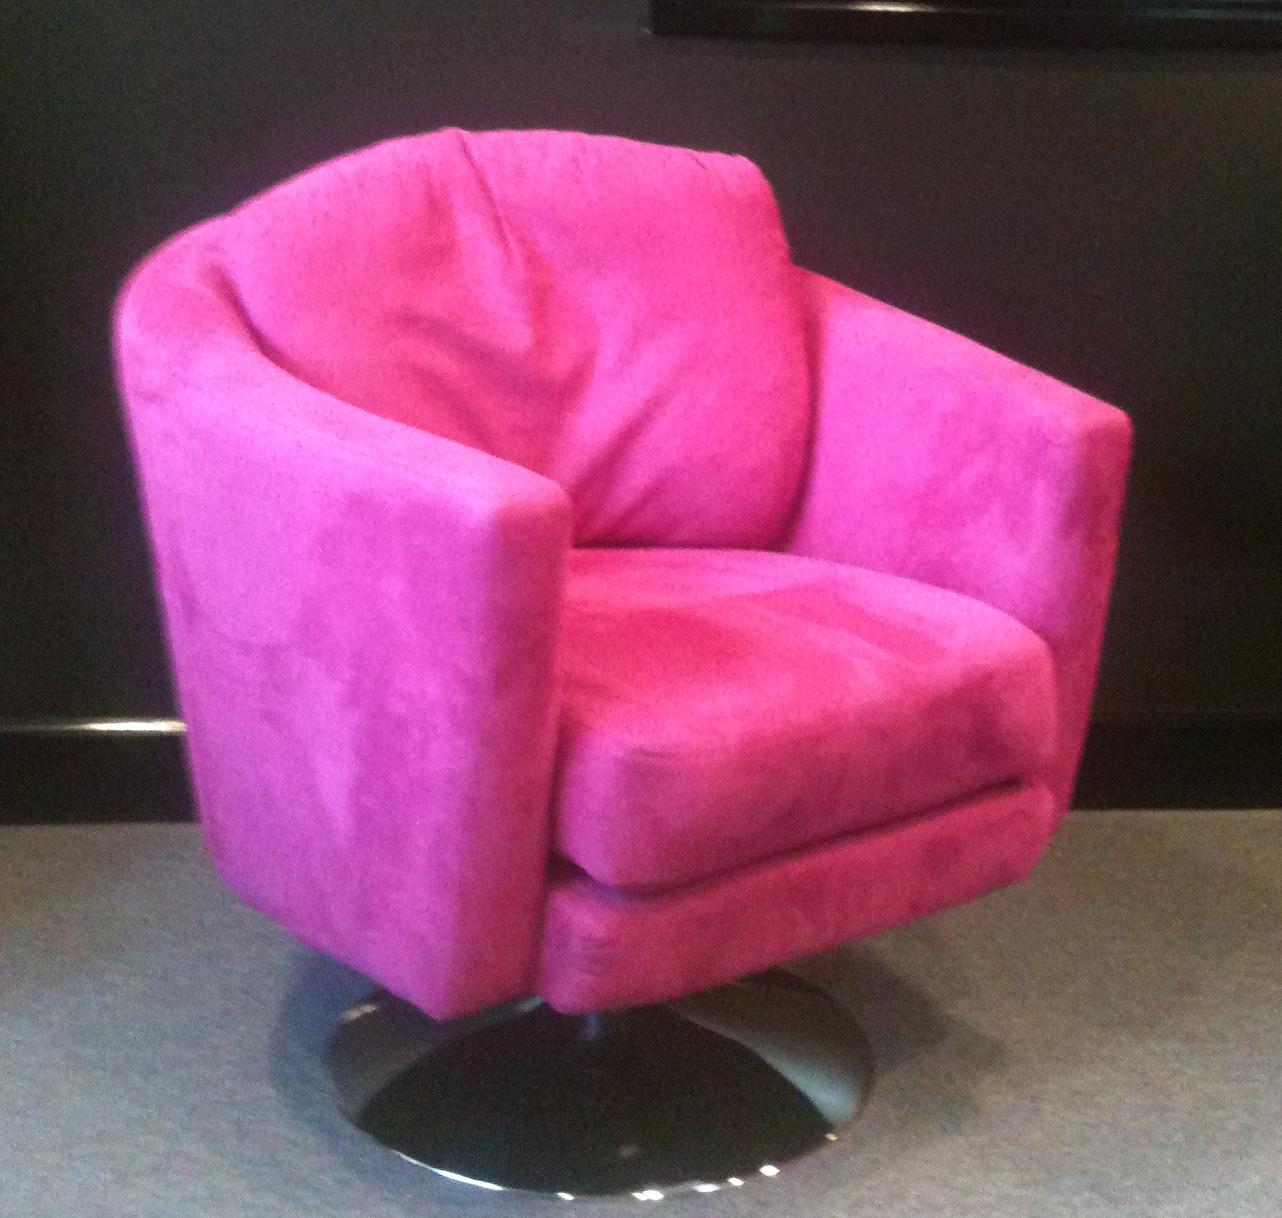 http://3.bp.blogspot.com/-XpS0nENzYaA/T8wQuqqRscI/AAAAAAAABE0/lhwAwsnfFnQ/s1600/The+Pink+Chair.JPG